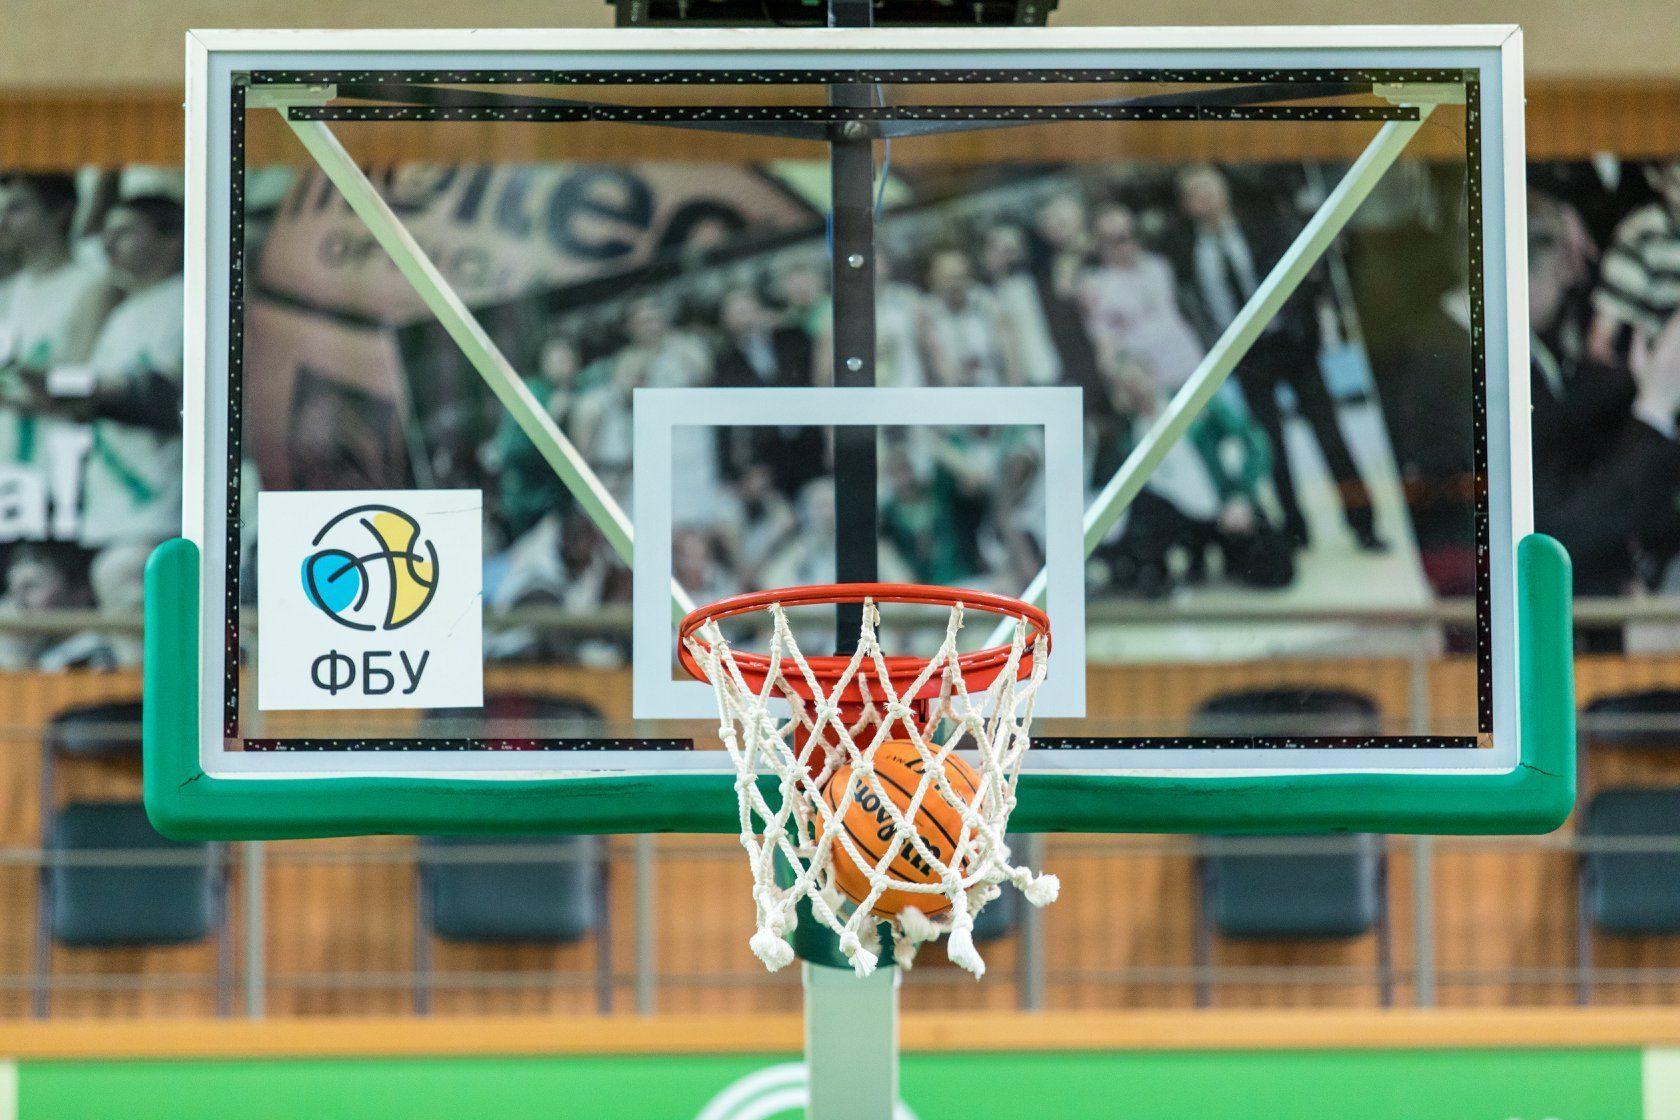 Чемпіонат ВЮБЛ: анонс сезону 2020/2021 серед дівчат 2006 та 2008 р.н.